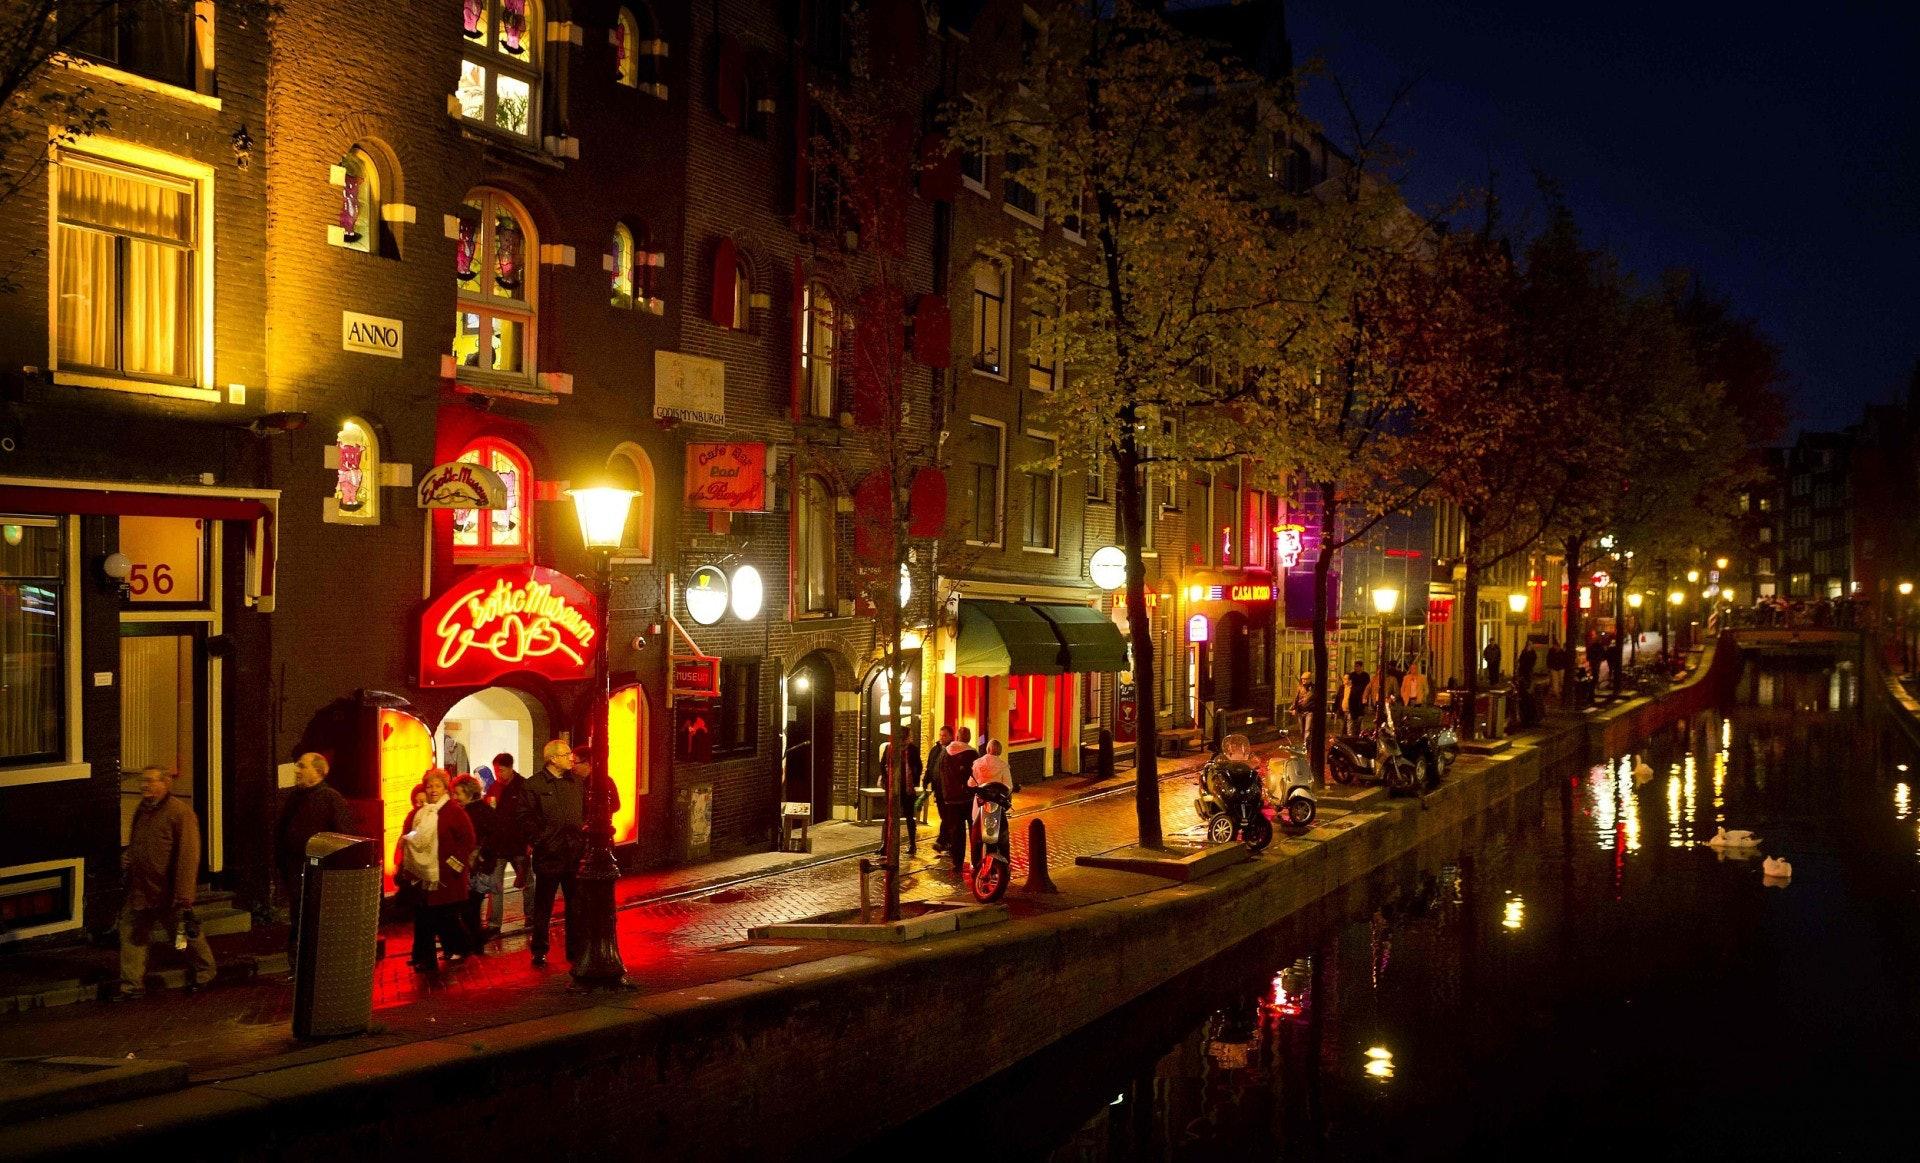 阿姆斯特丹的紅燈區現已成為世界知名景點,每天擠滿好奇張望的遊客,但甚少人知道這裏背後藏着許多駭人聽聞的非法勾當。(視覺中國)